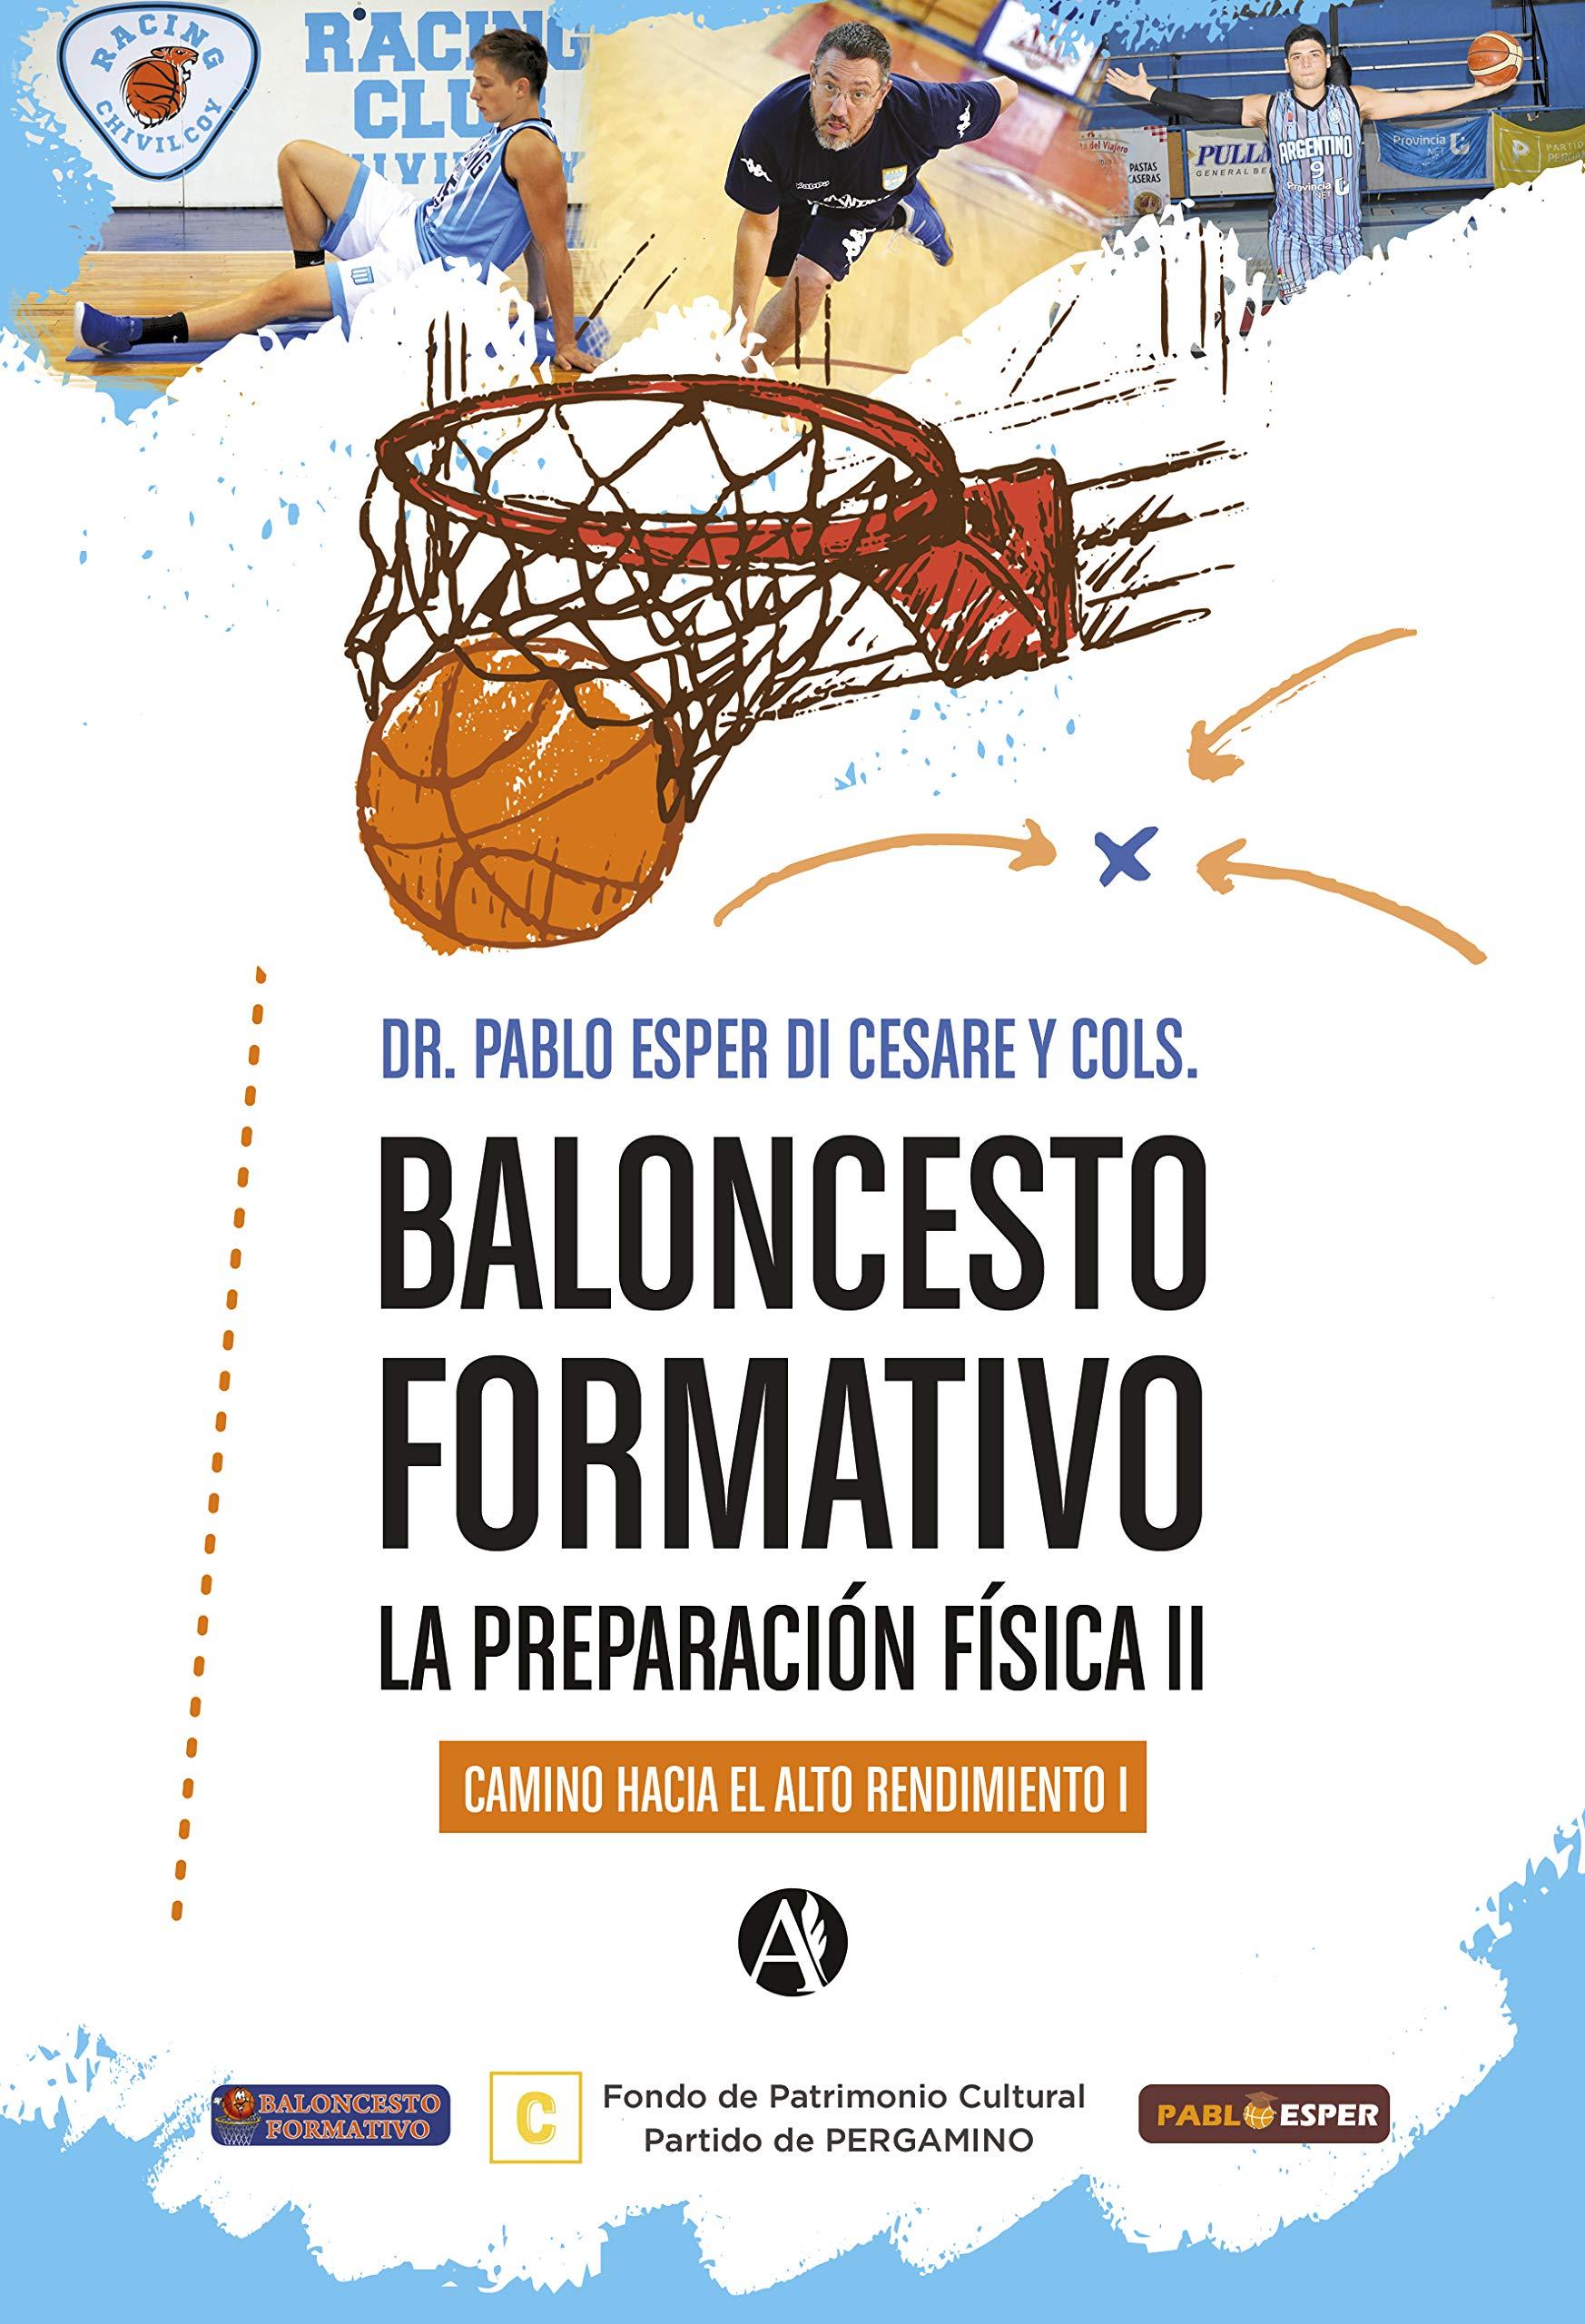 Baloncesto formativo la preparación física II, camino hacia el alto rendimiento